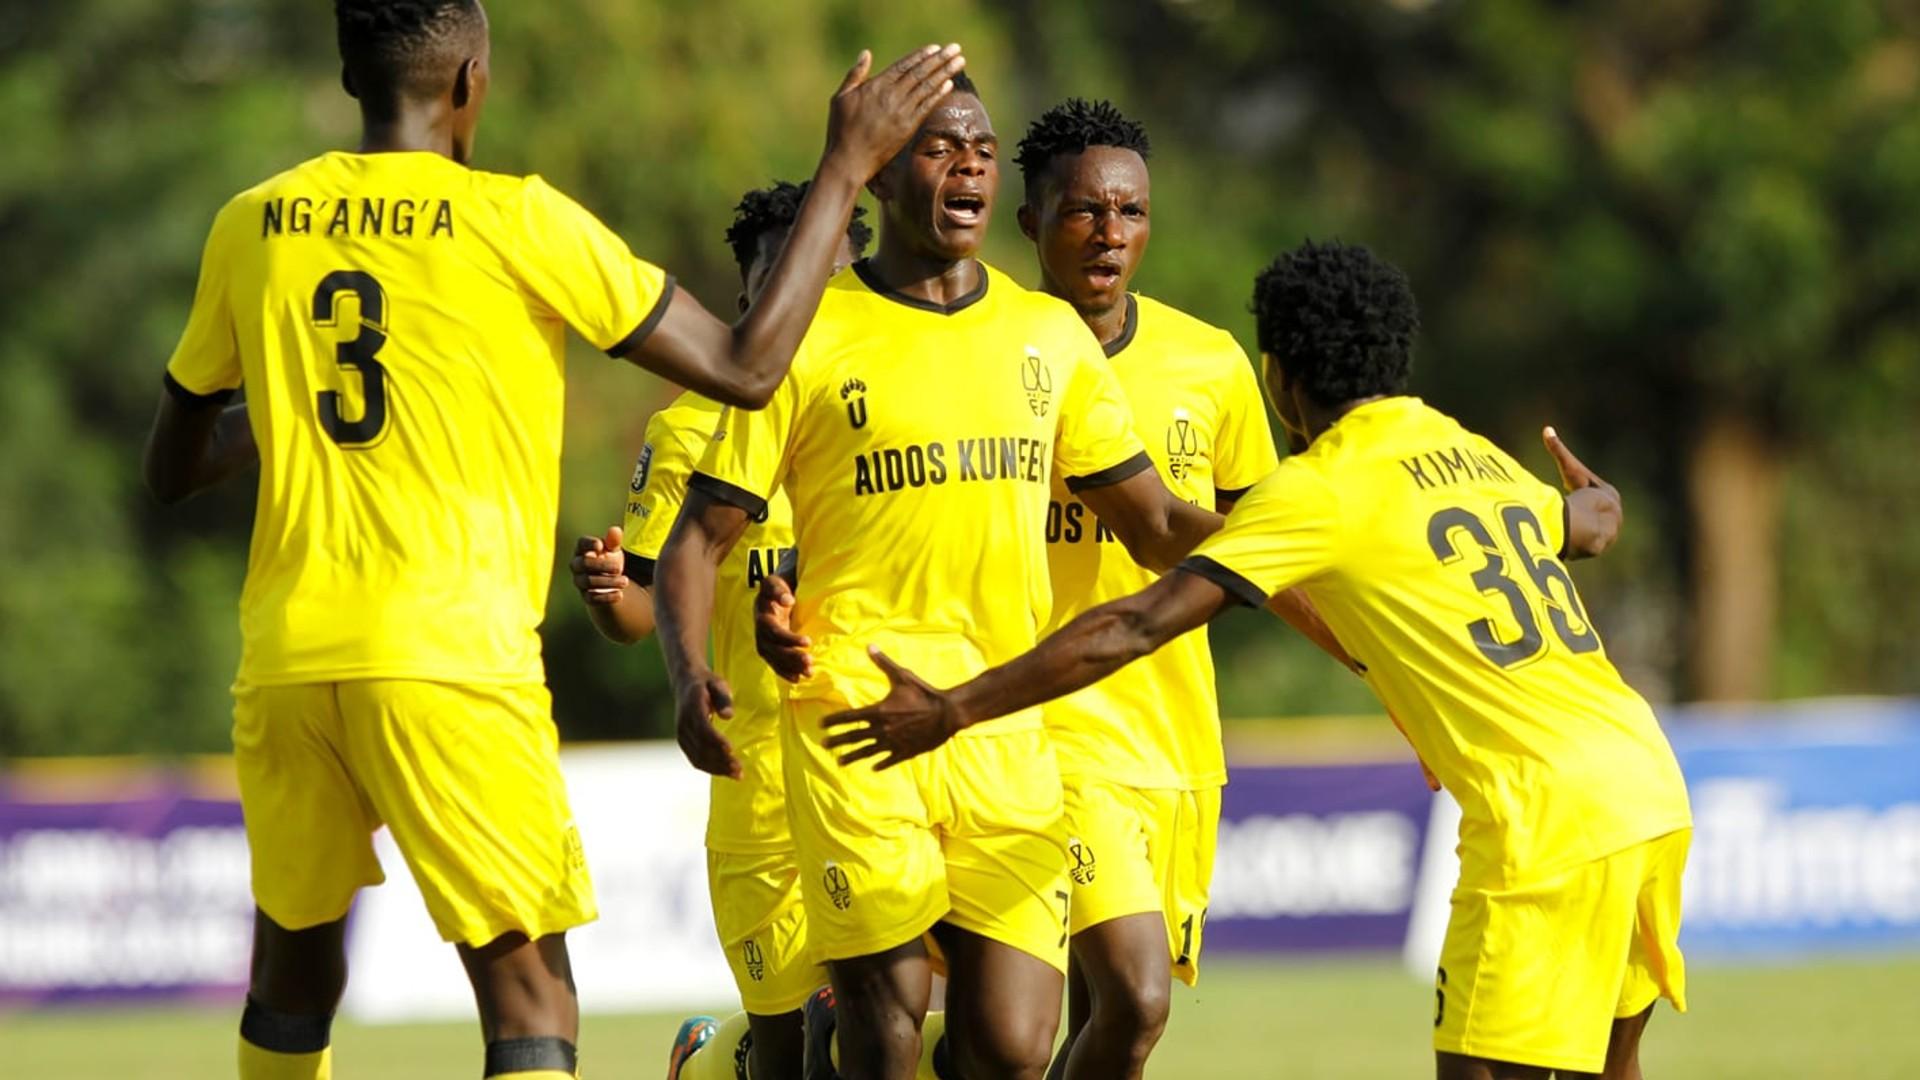 'A goal you rarely see' – Wazito FC's Kimanzi lauds Oburu after Bidco United strike